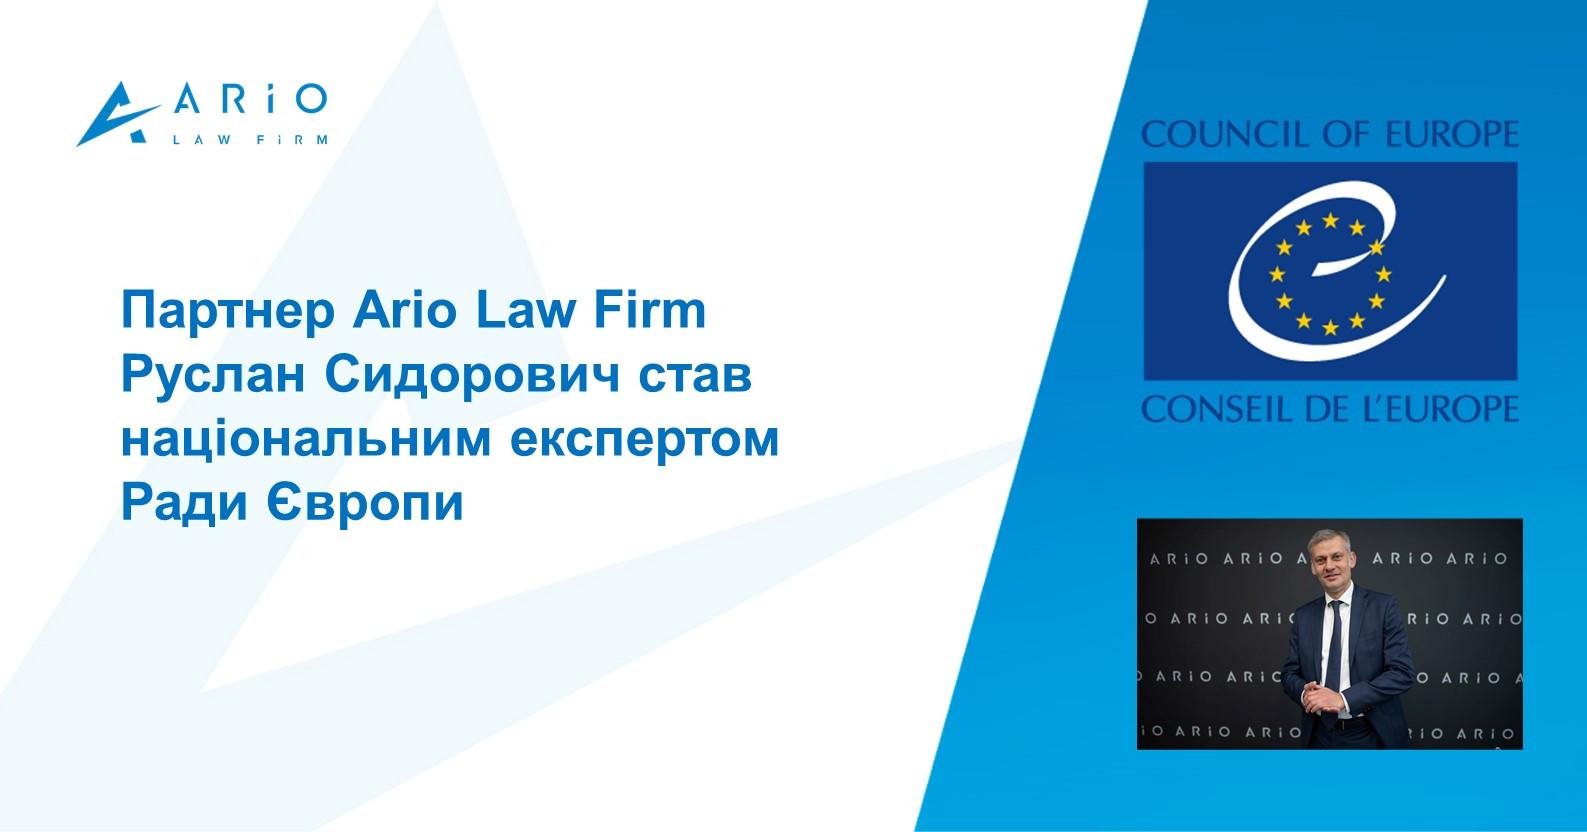 Партнер Ario Law Firm Руслан Сидорович став національним експертом Ради Європи